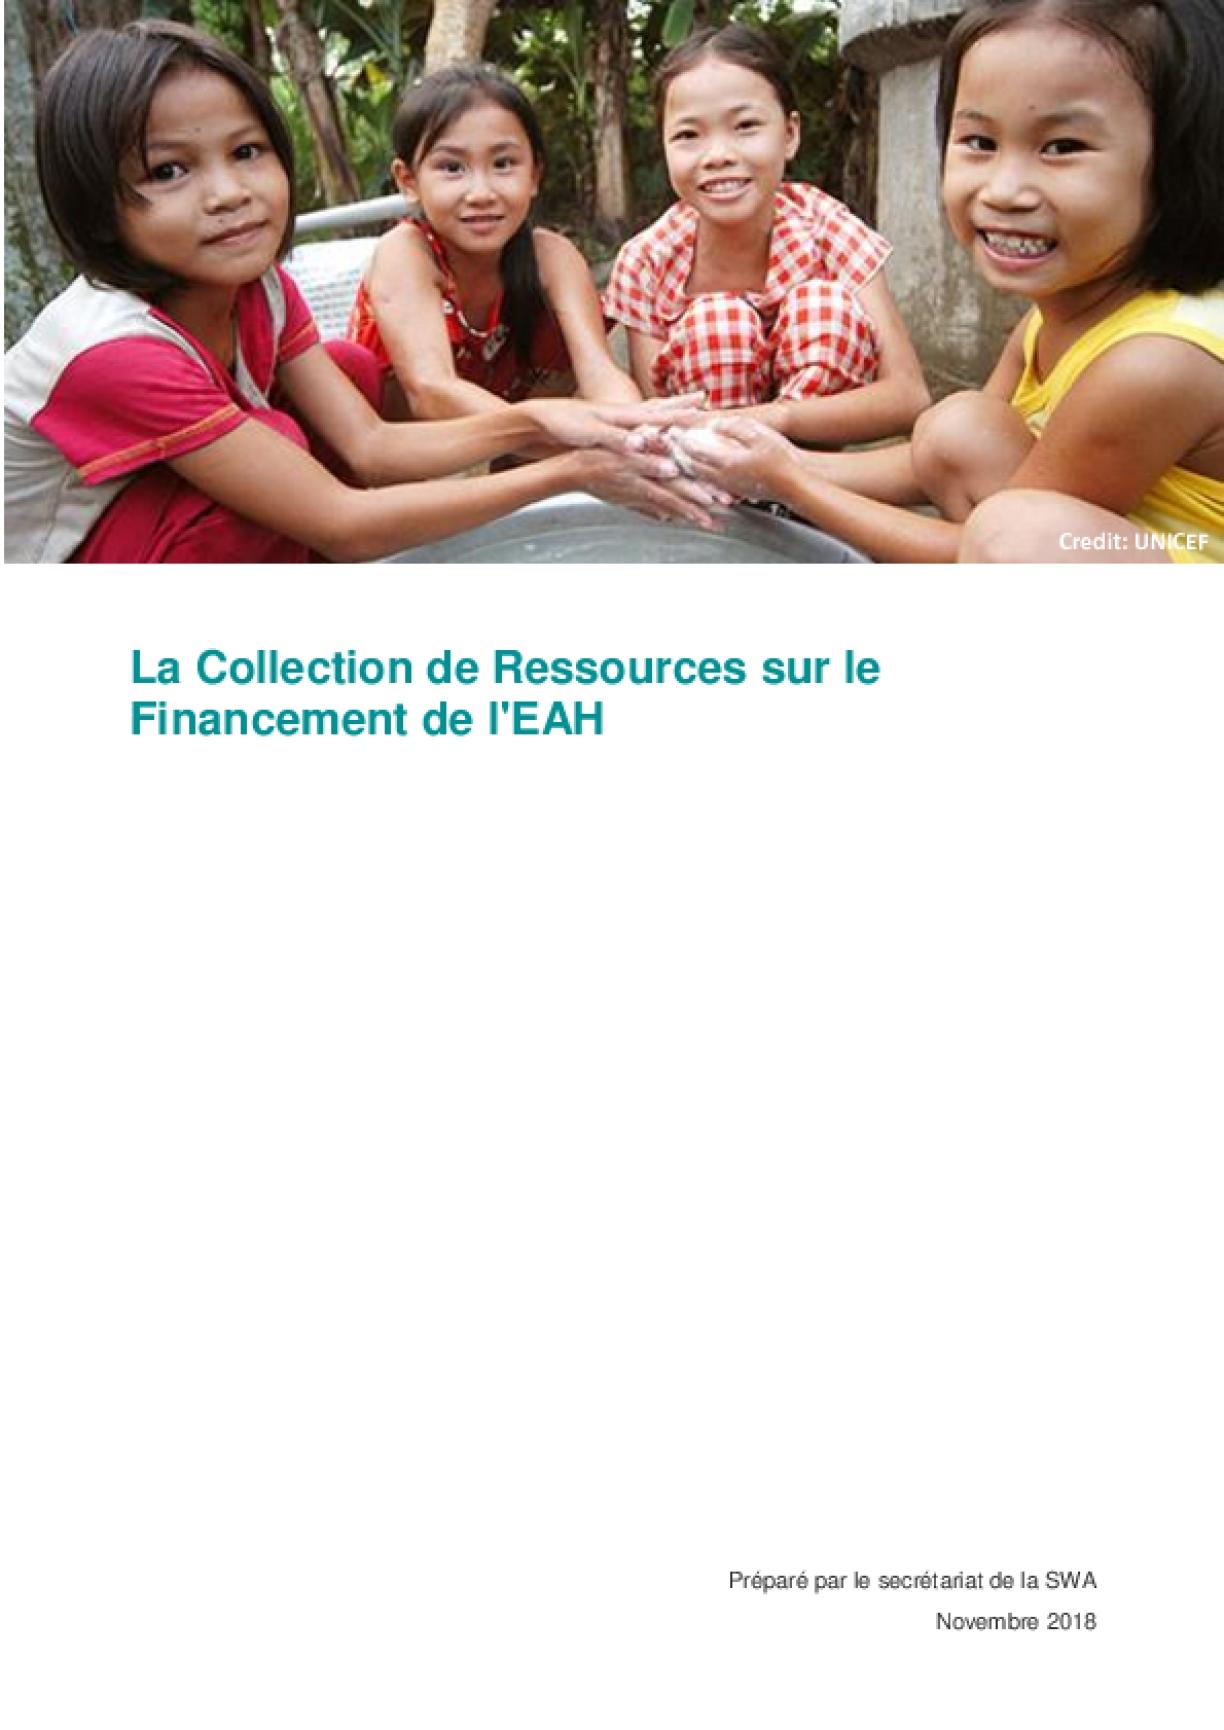 La Collection de Ressources sur le Financement de l'EAH